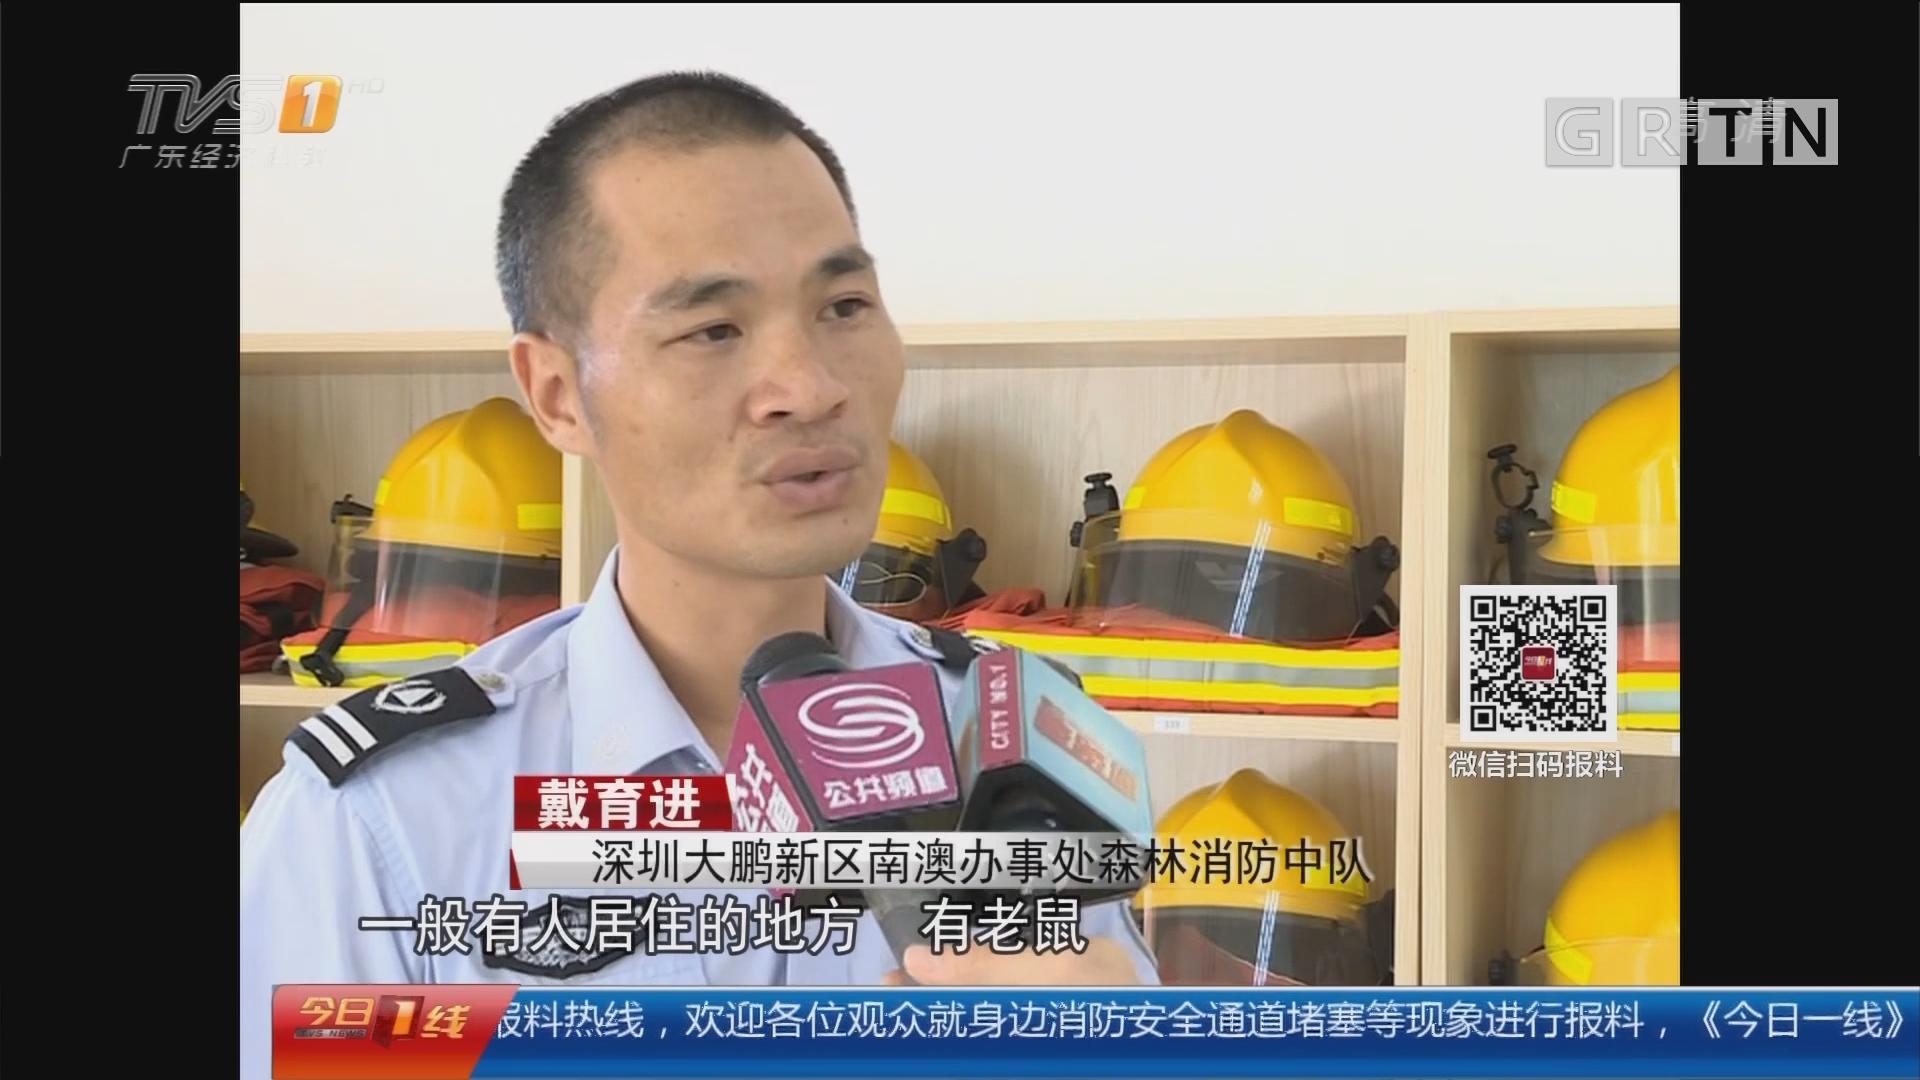 深圳大鹏新区:蟒蛇下山觅食闯小区 消防紧急处置